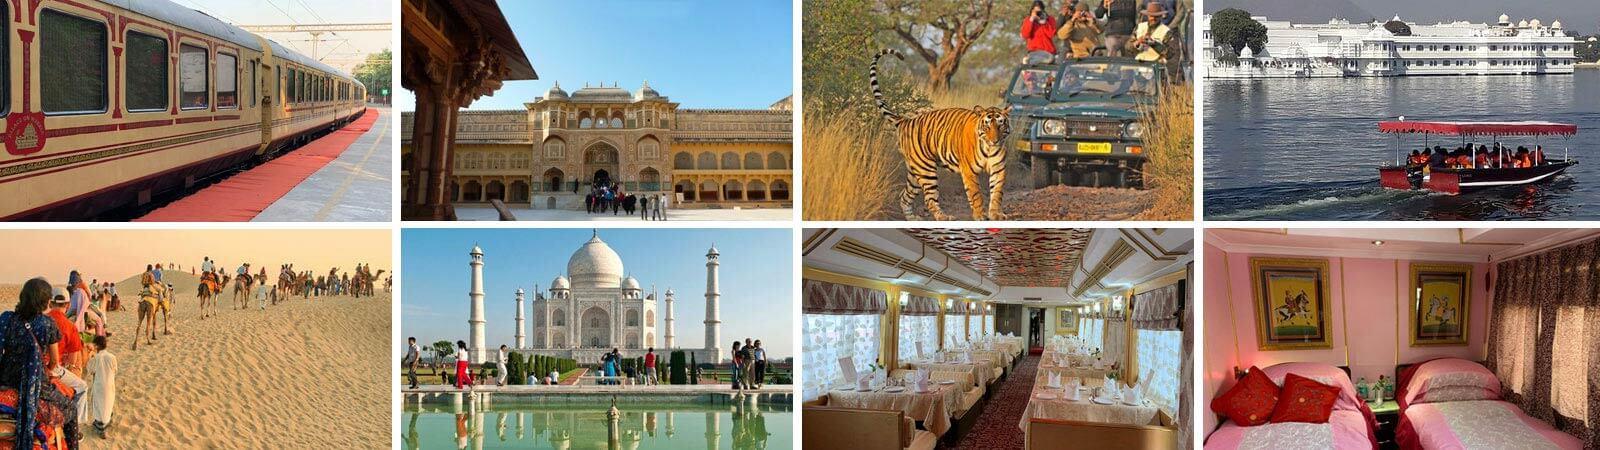 Palace on Wheels journey